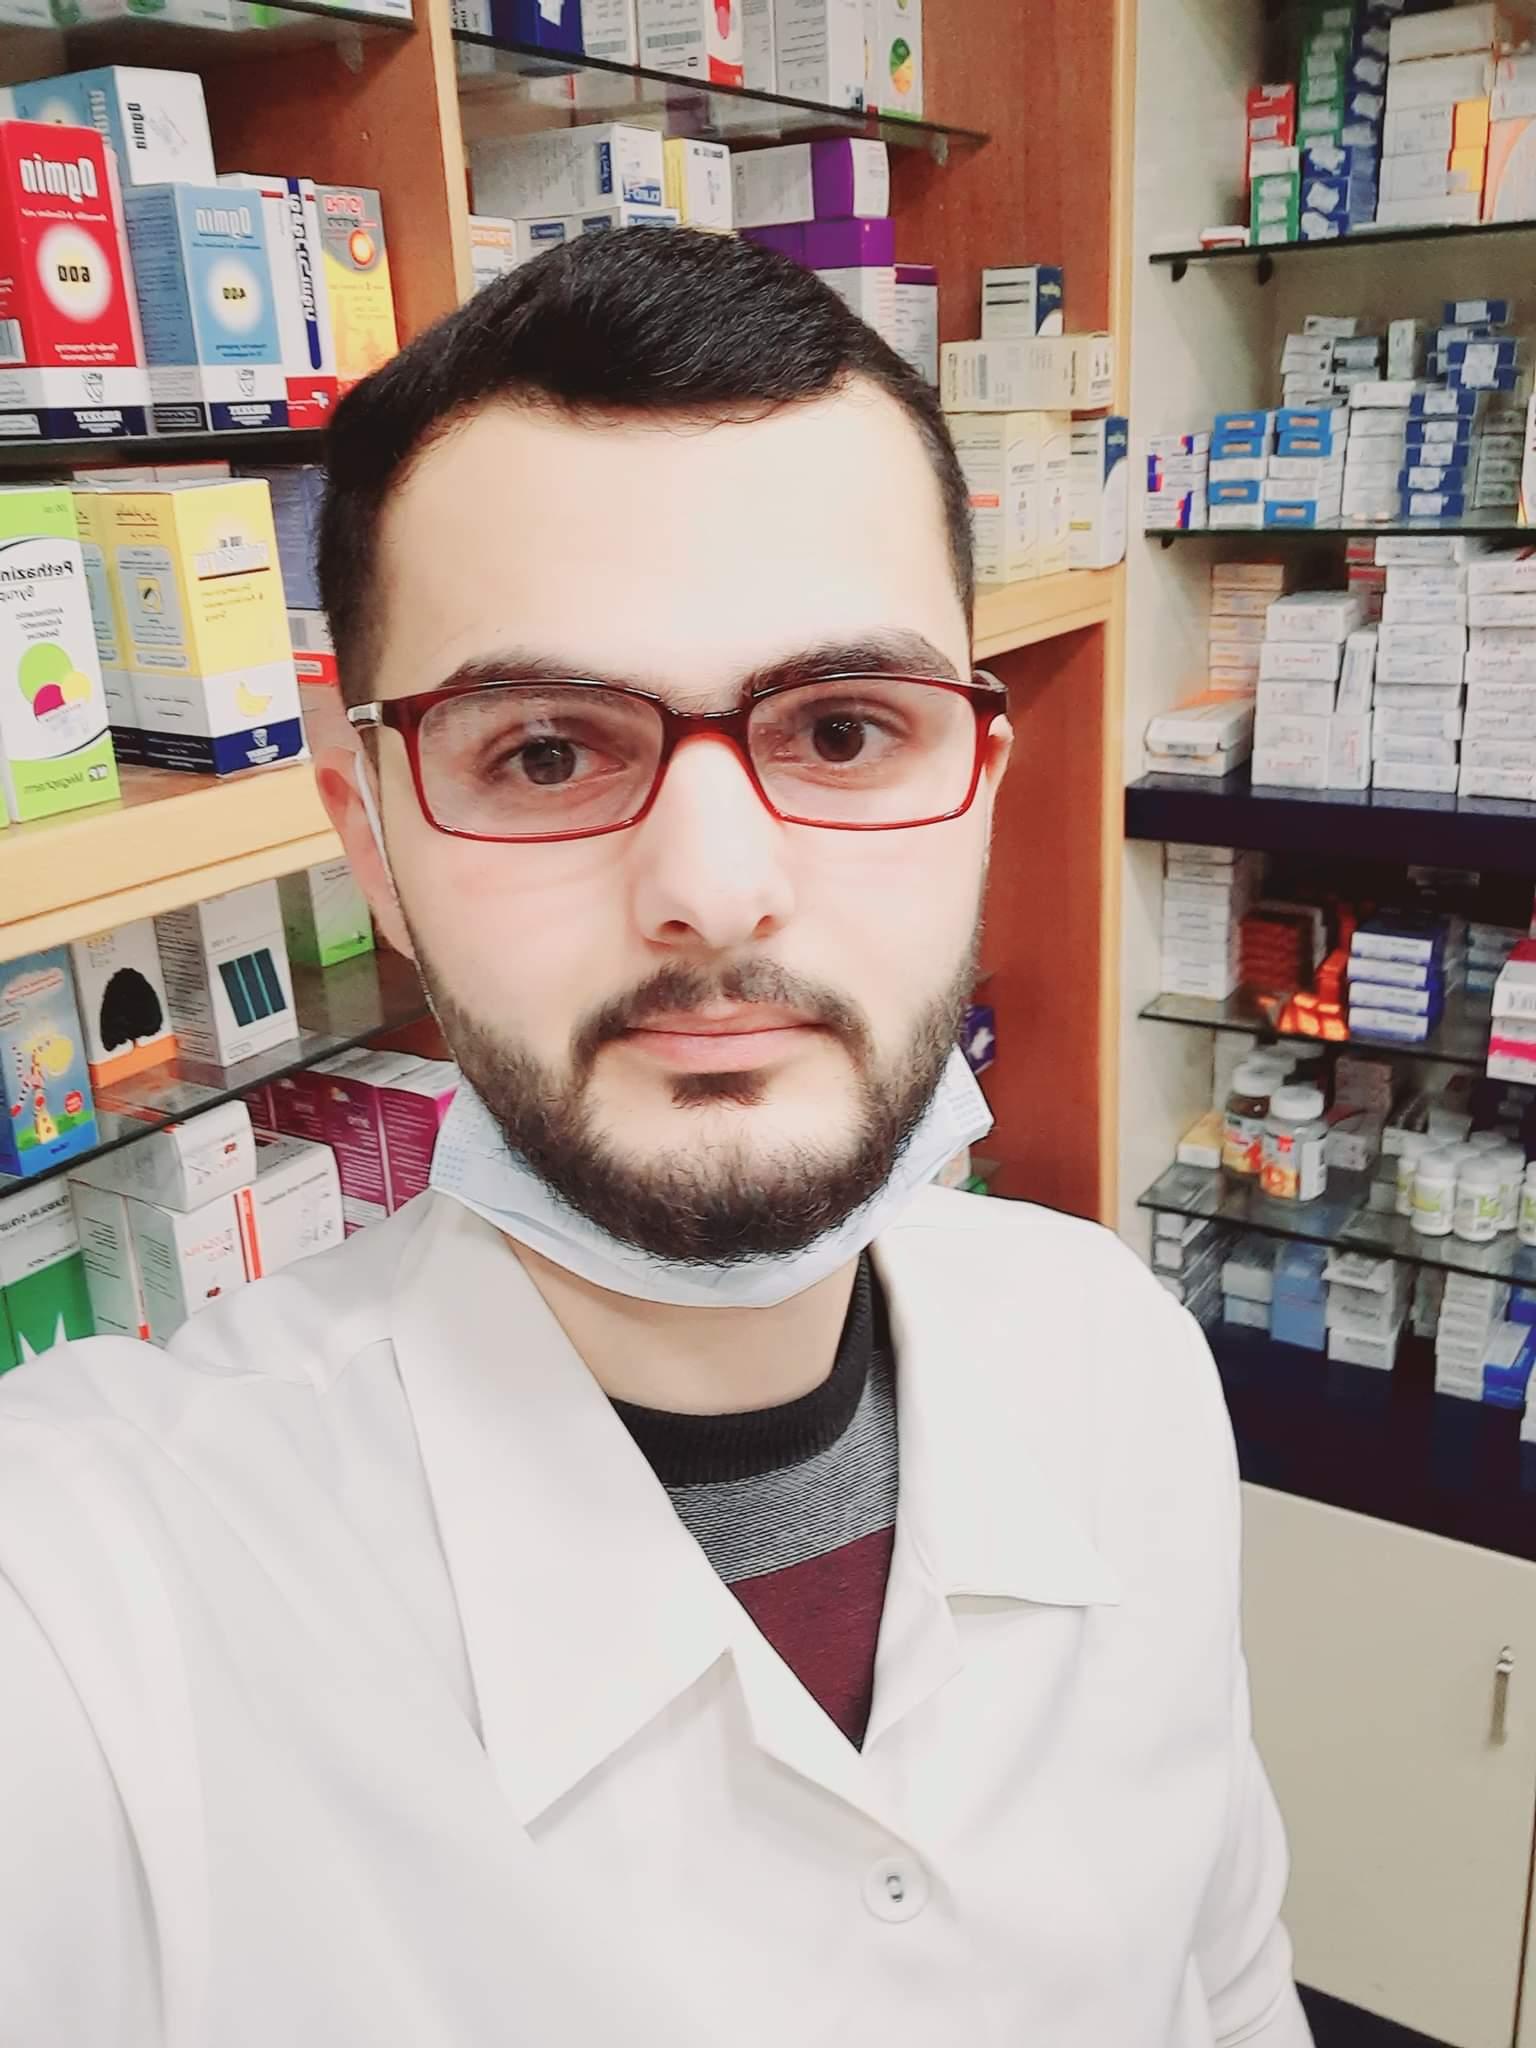 د. صيدلي/ محمد شعيب الفرا .. يصدر كتابا علميا